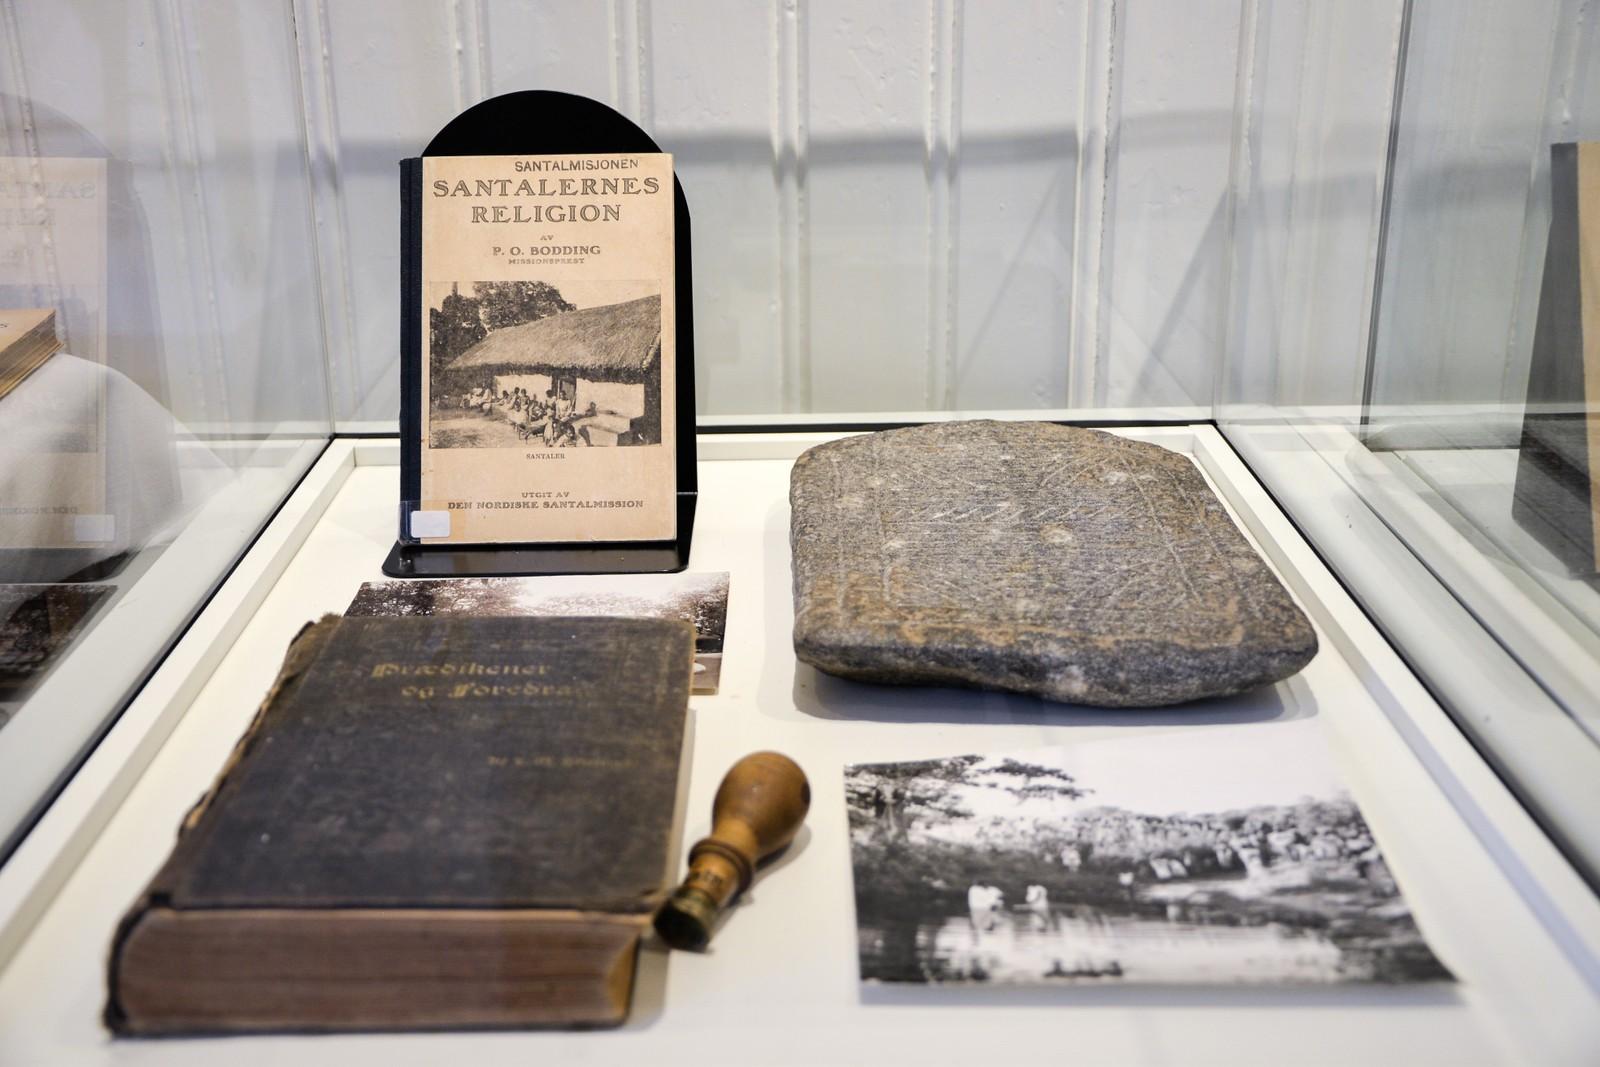 Bodding ga ut bøkene sine på eget forlag. I tillegg til oversettelse av bibelen ga han blant annet ut en grammatikk for santalspråket og en ordliste på 5000 ord.